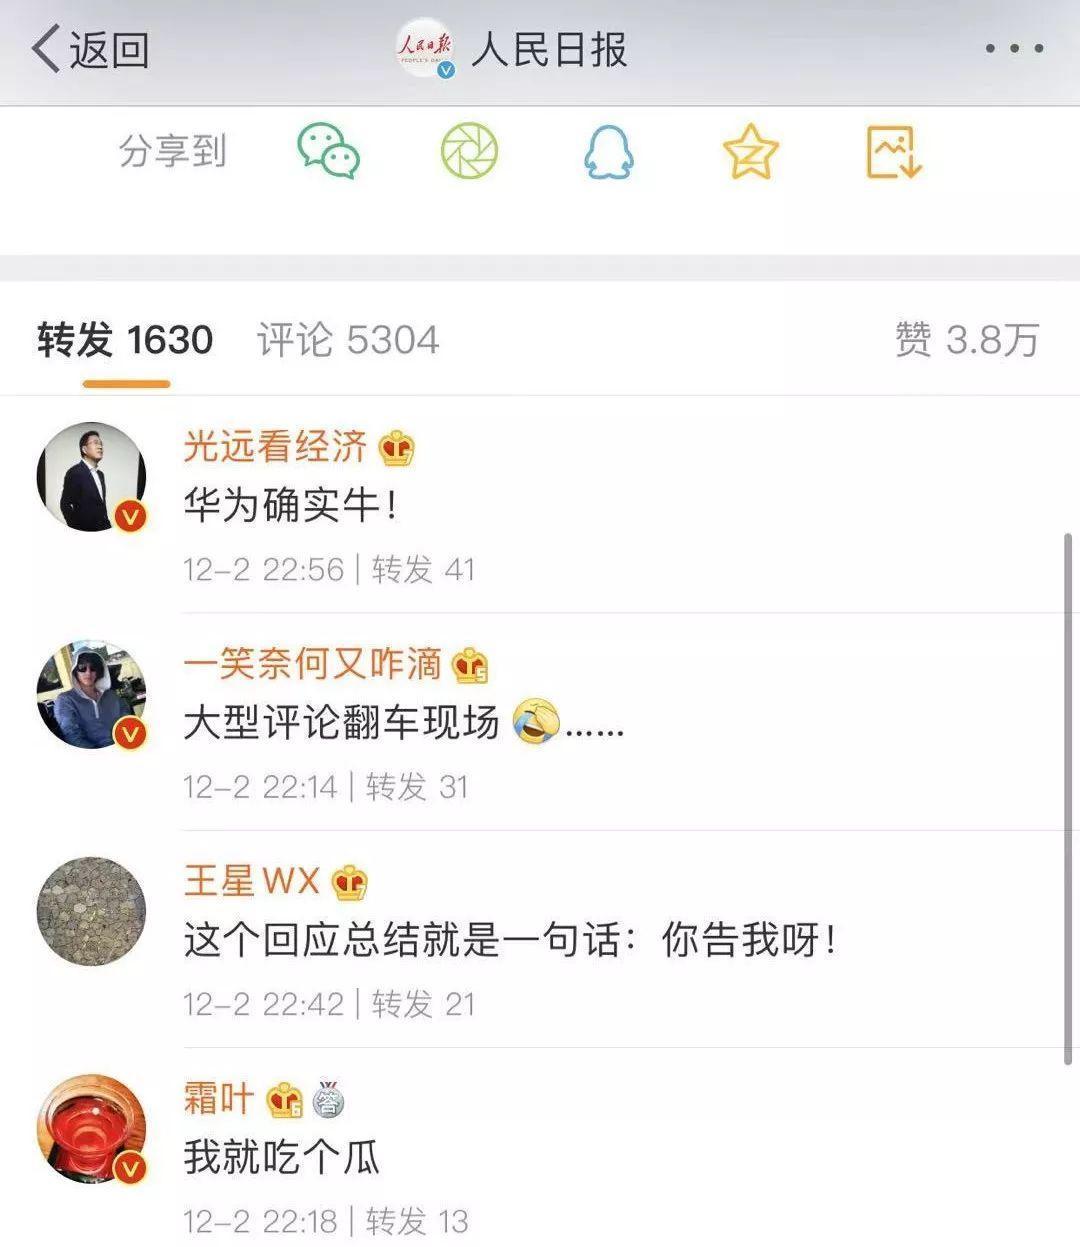 华为彻底刷屏 刚回应前员工被拘251天 网友:这次